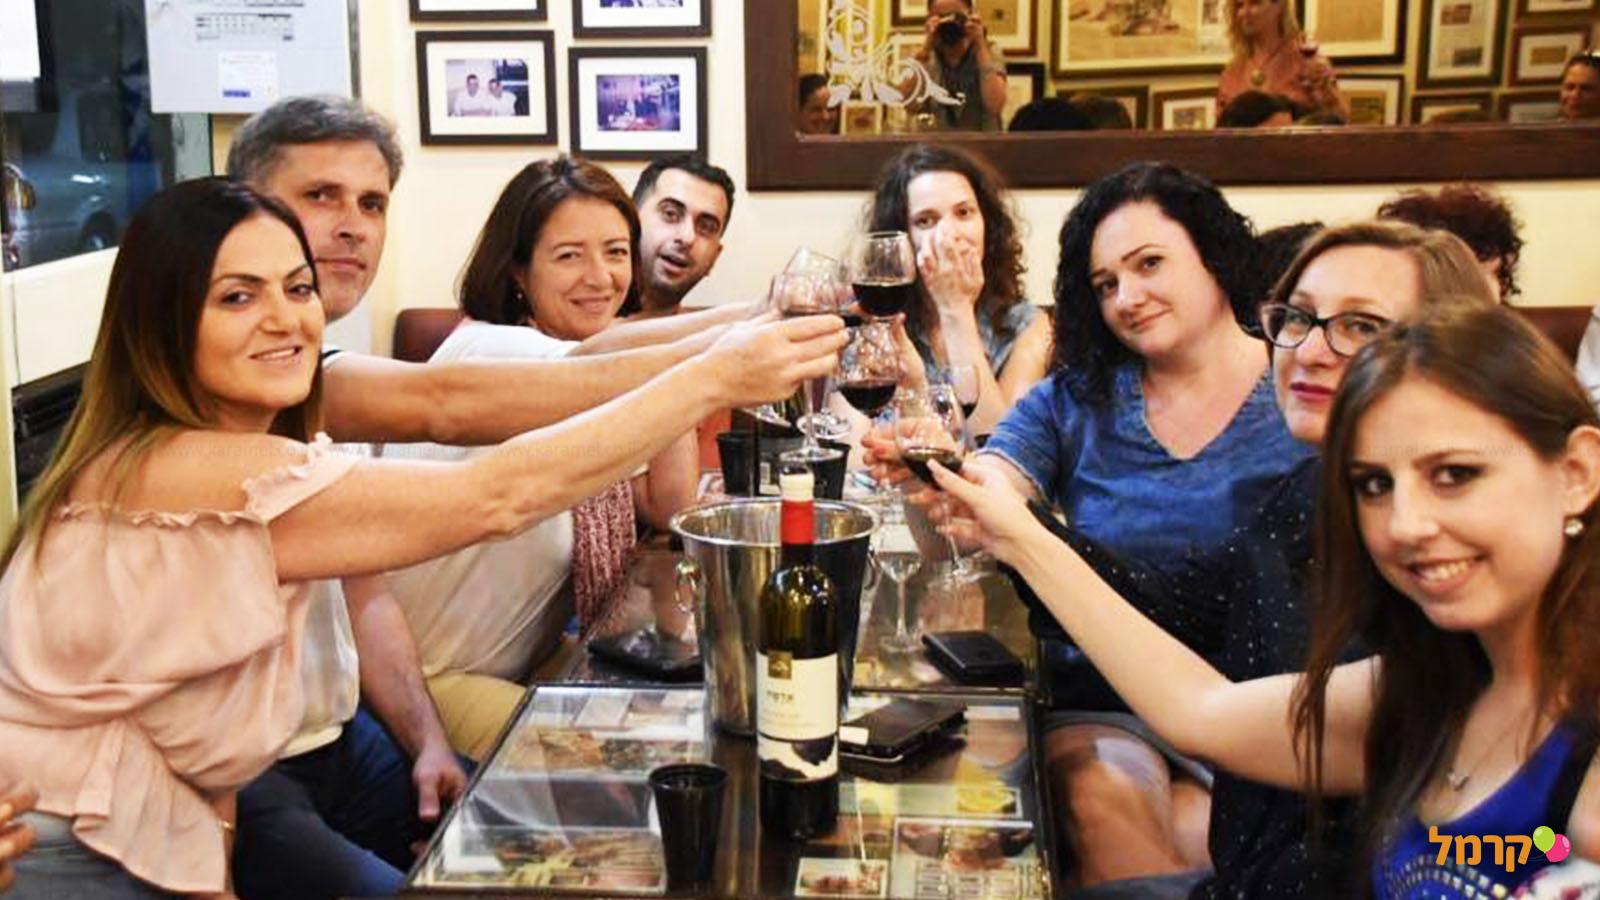 סדנאות יין מהנות ומפנקות עם אילת - 073-7756966